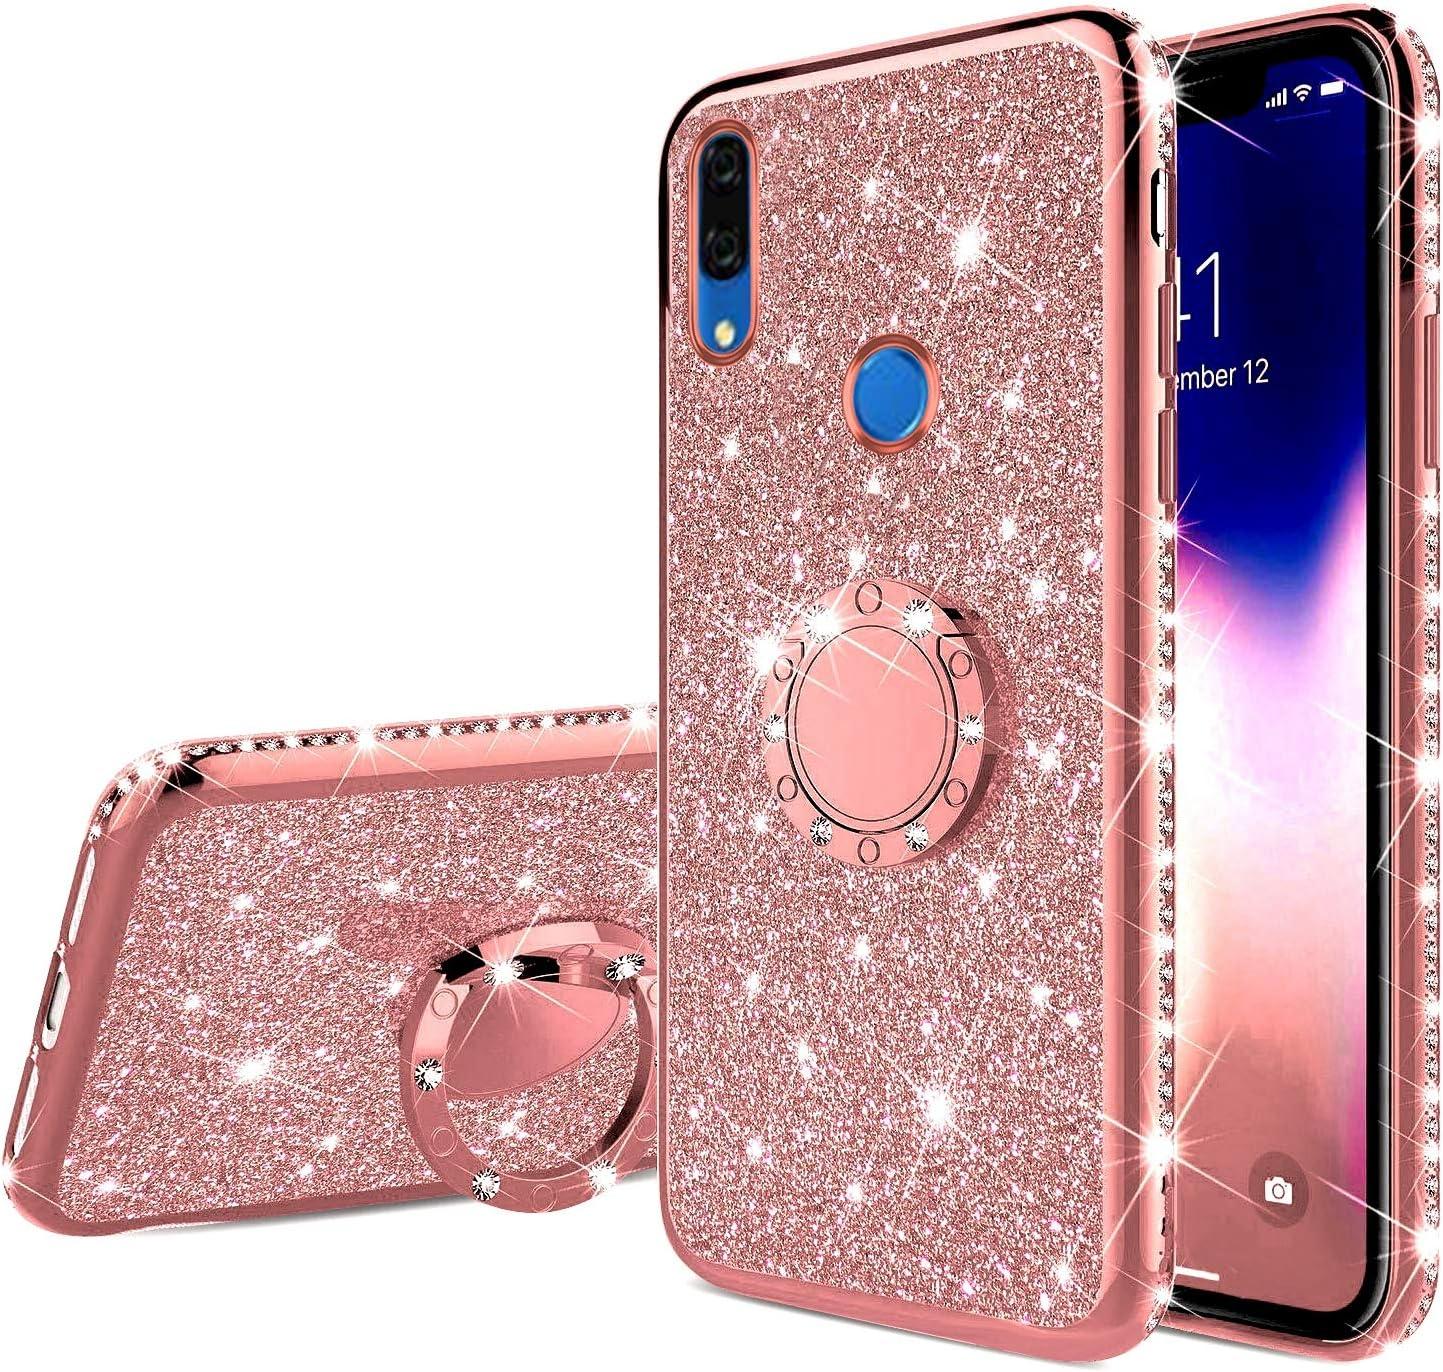 Uposao Kompatibel mit Huawei P Smart Z Handyh/ülle mit 360 Grad Ring St/änder Glitzer Bling Strass Diamant M/ädchen TPU Silikon Clear H/ülle Schutzh/ülle Durchsichtig Tasche Case,Schwarz